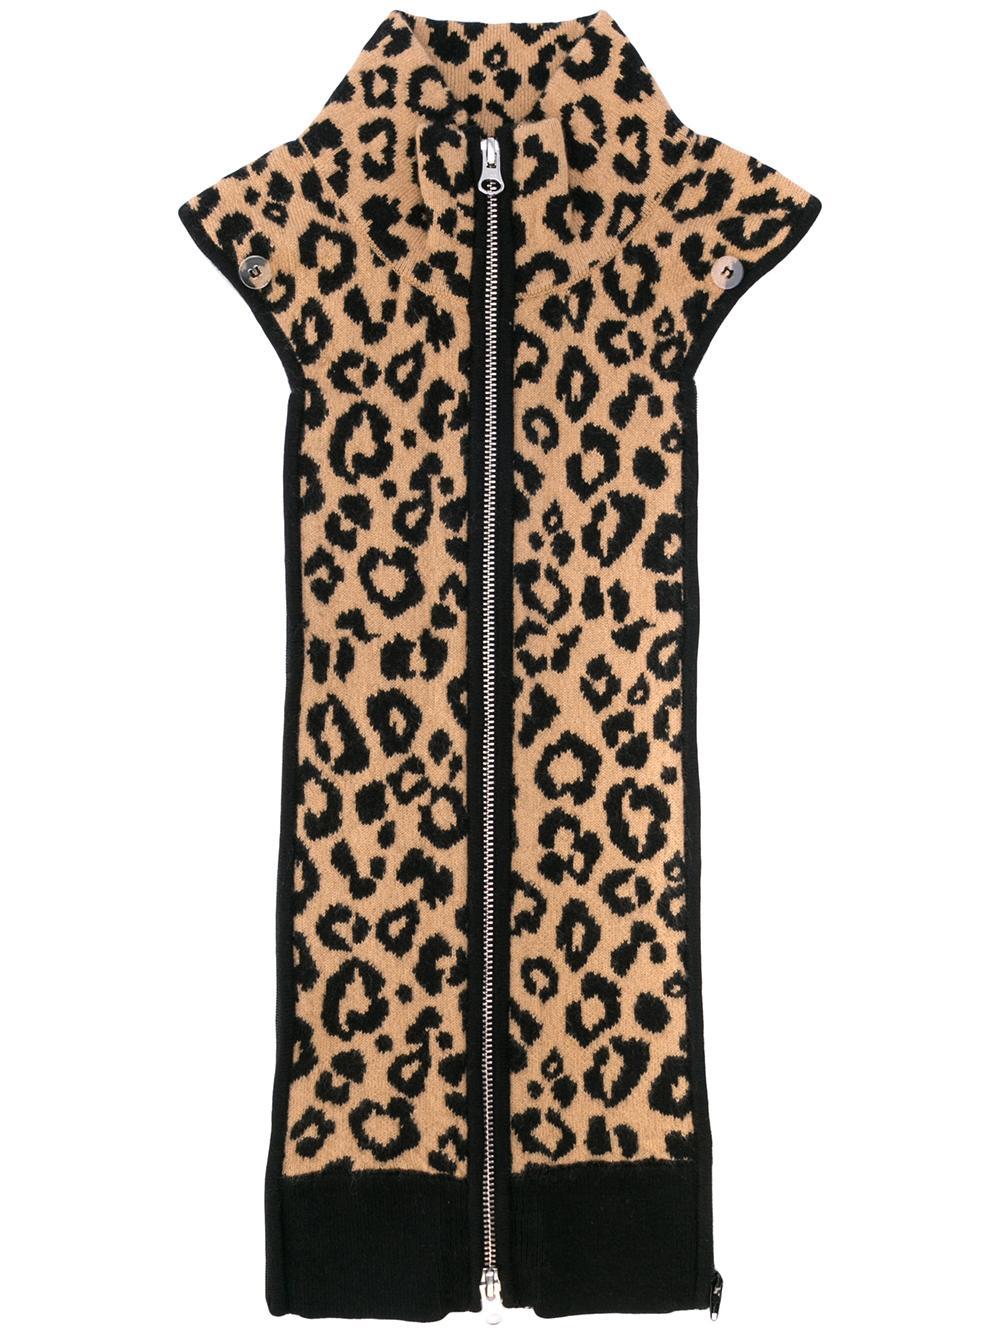 Toni Leopard Print Dickey